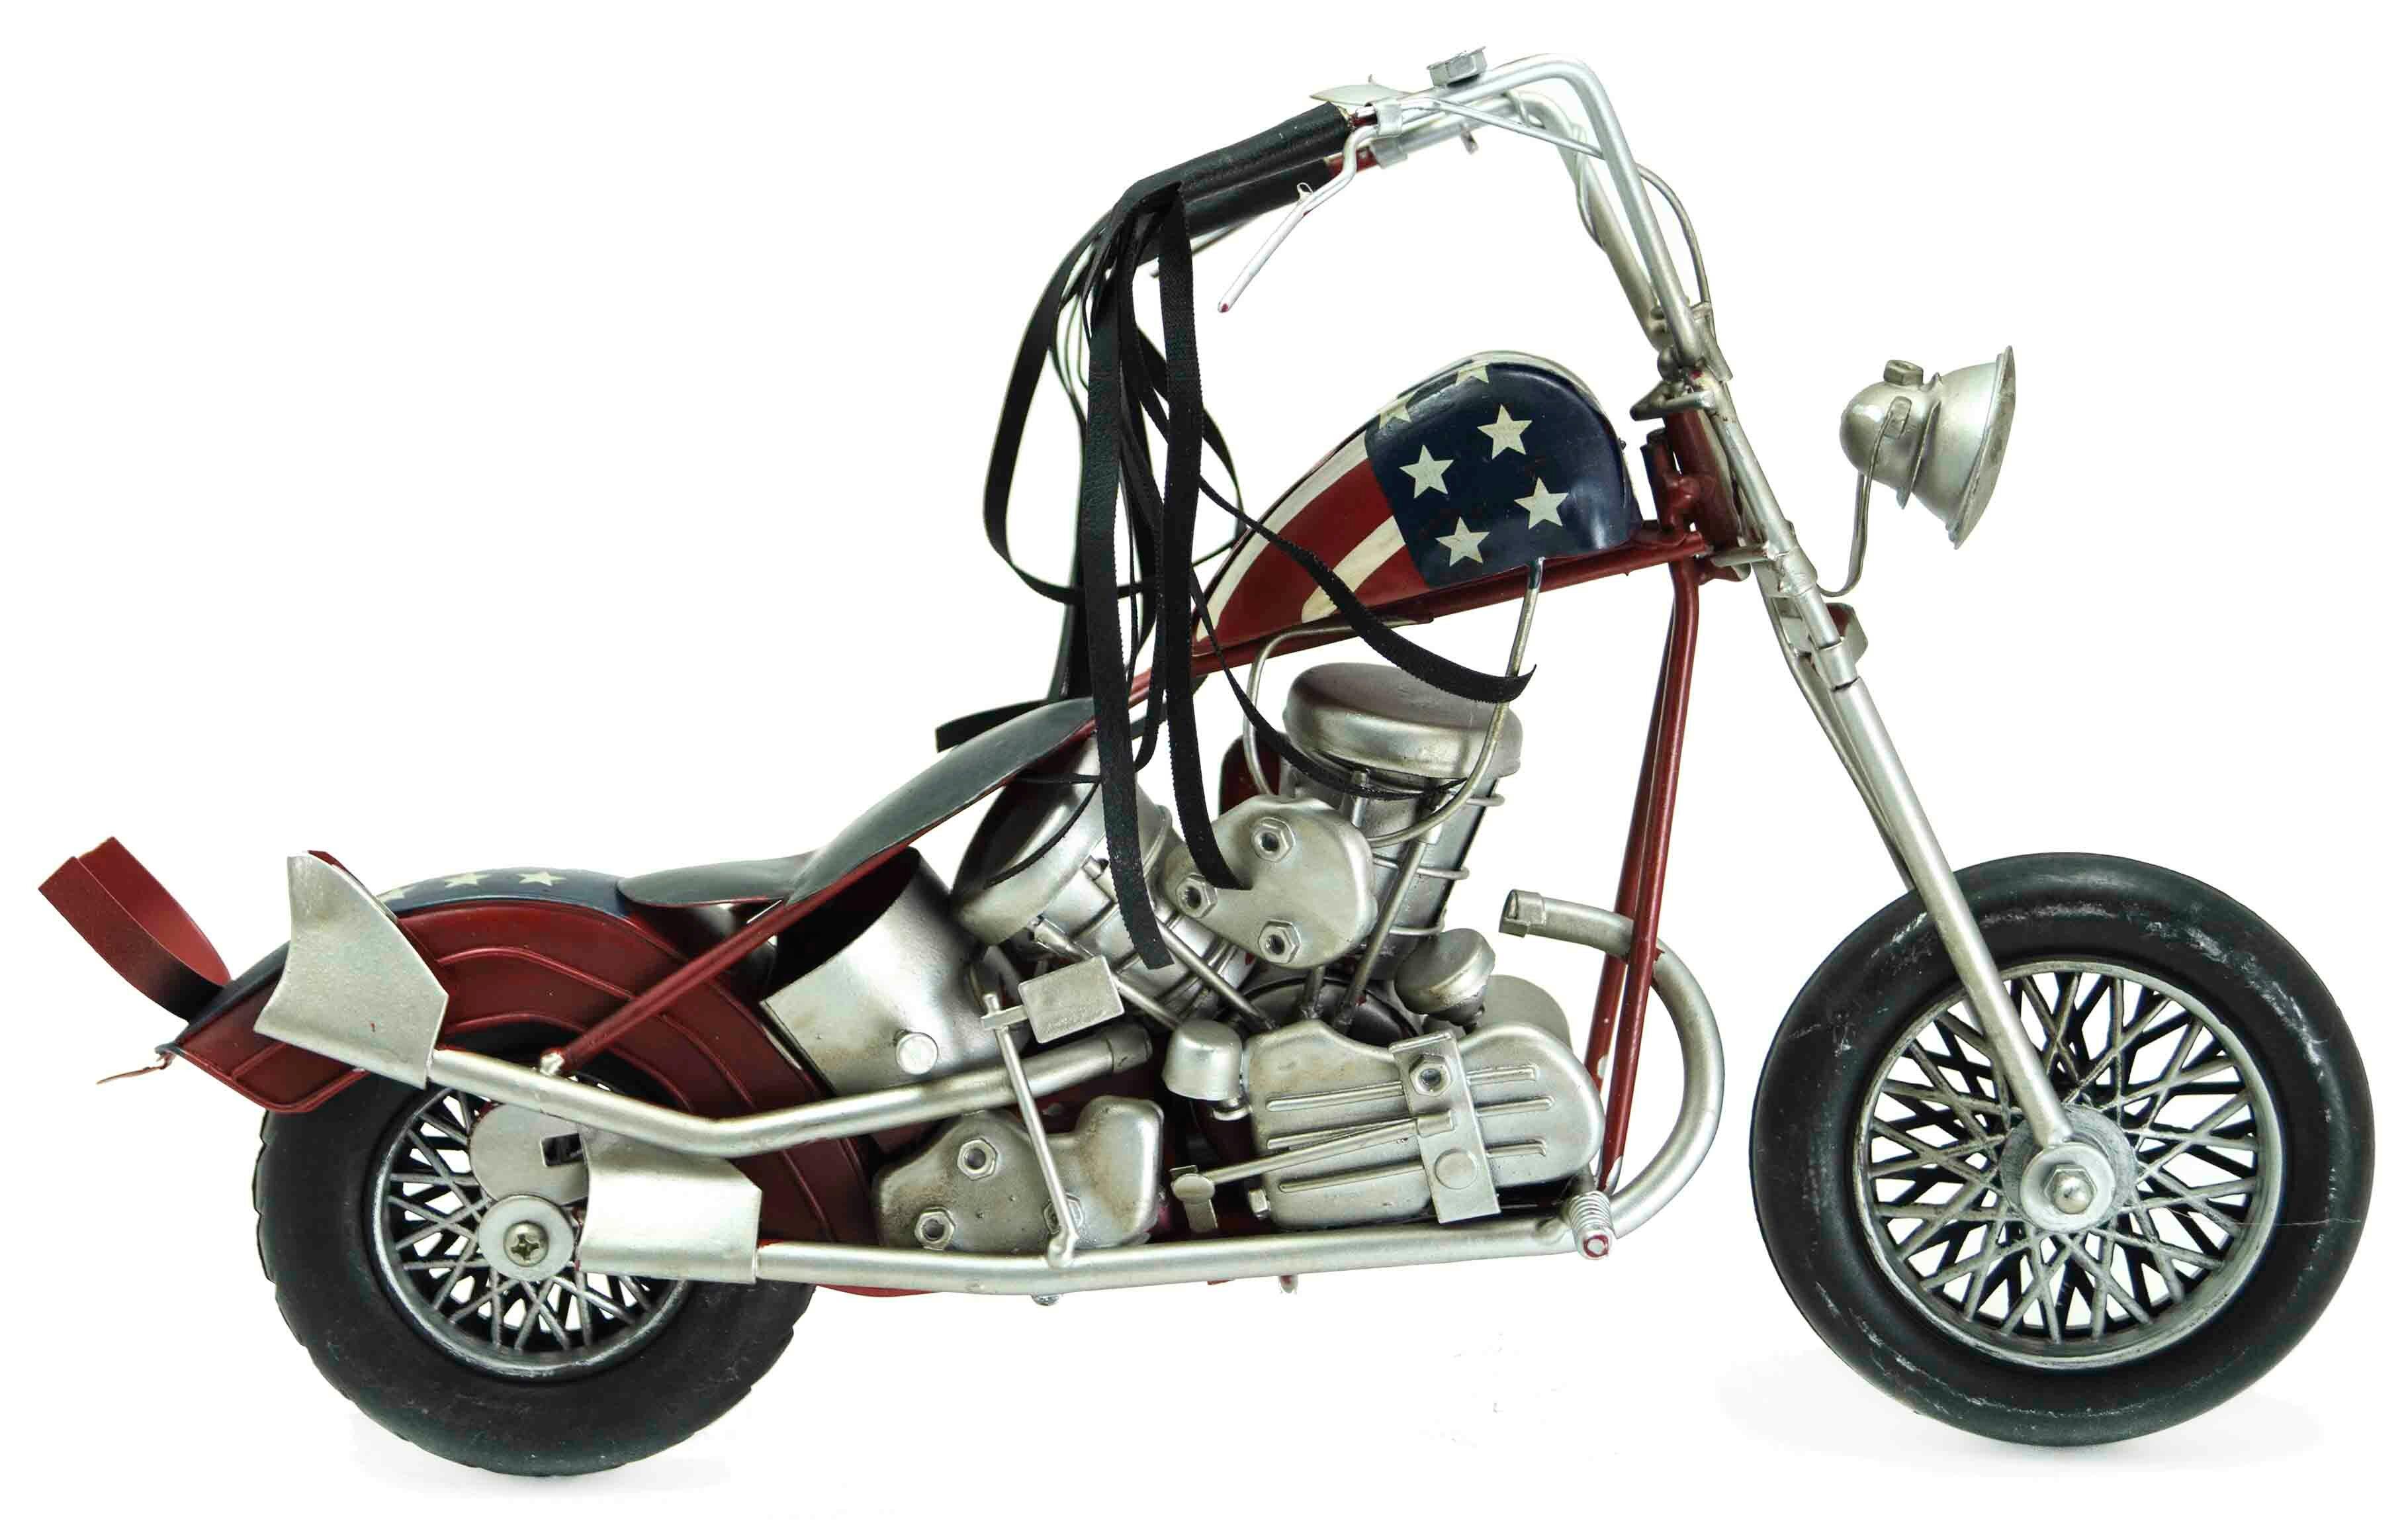 Модель мотоцикла HARLEY DAVIDSON EASY RIDER 1940 S-1950 S